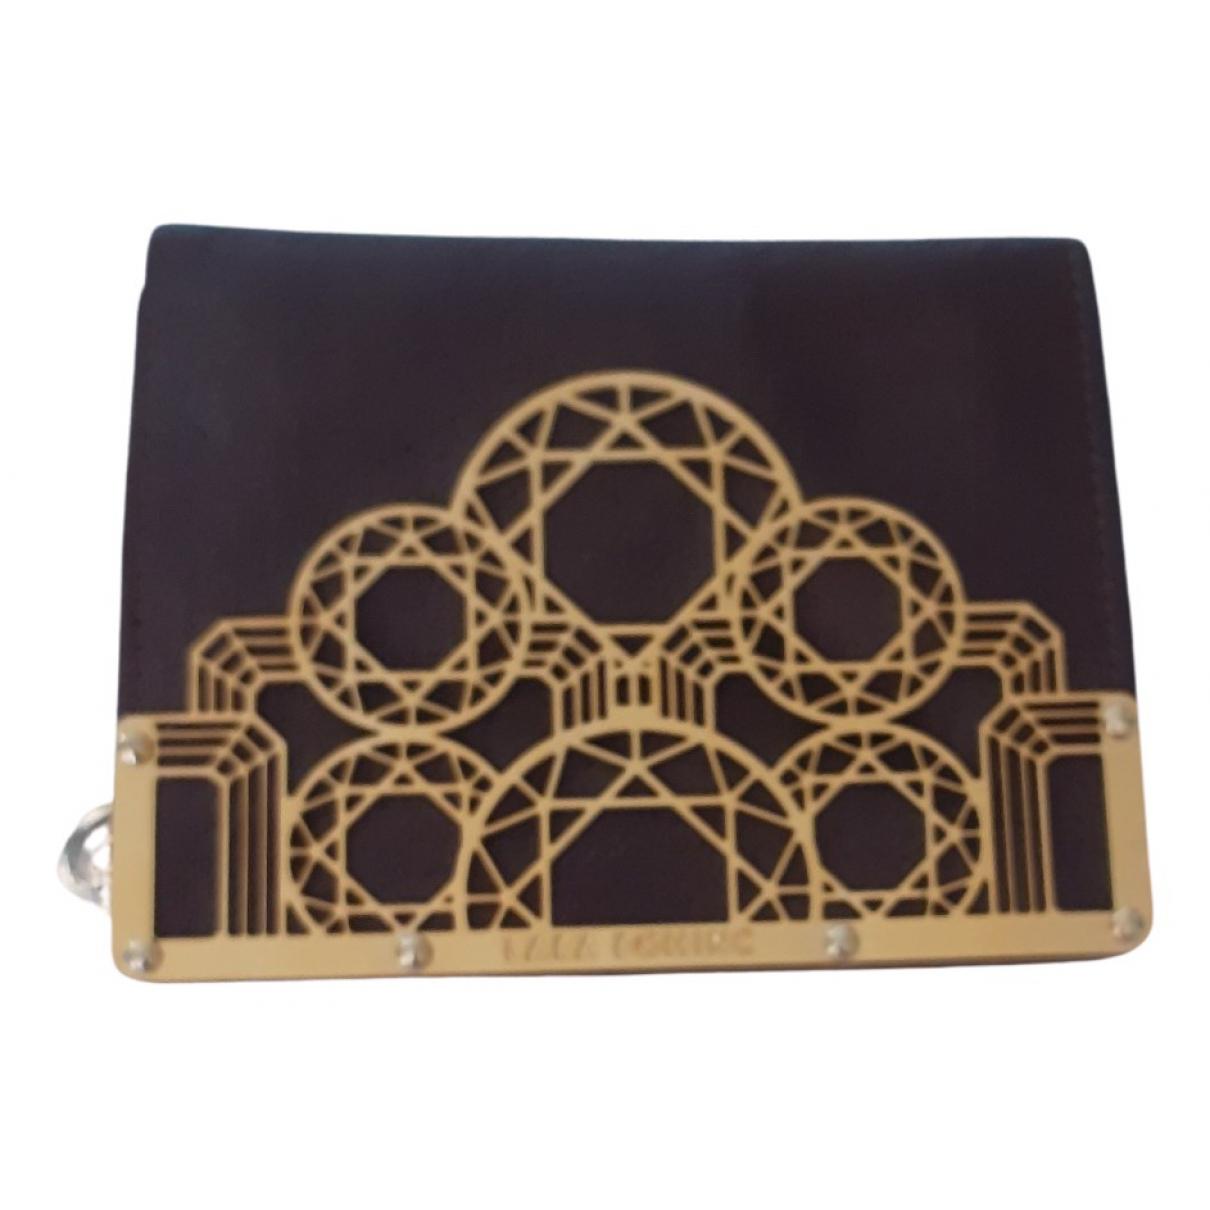 Lara Bohinc \N Brown Leather wallet for Women \N